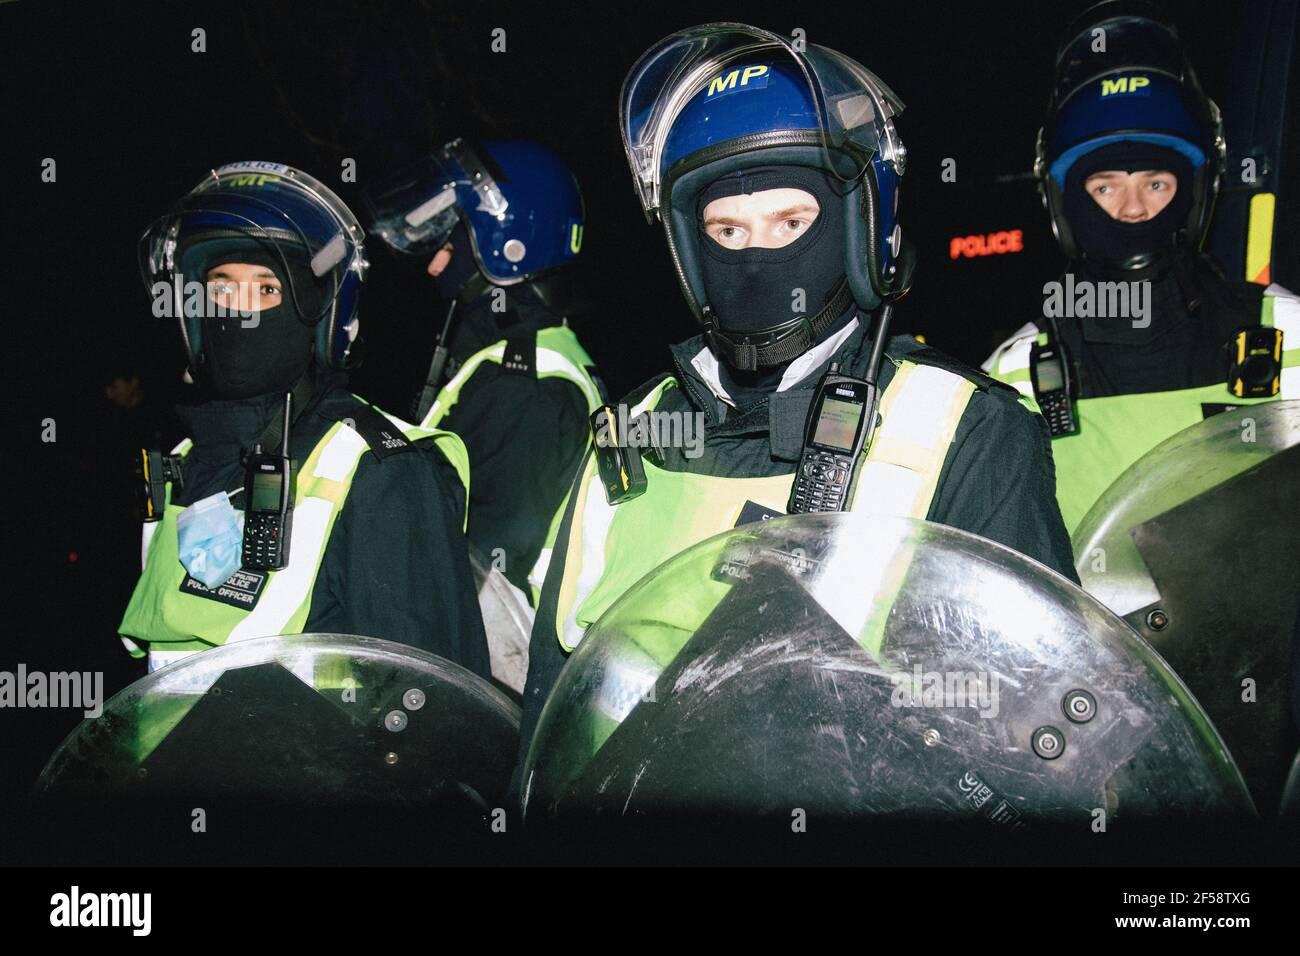 Londres, Reino Unido, 20th de marzo de 2021. Alrededor de 6000 manifestantes contra el bloqueo y la vacunación y contra la Policía, el crimen, la sentencia y los tribunales Bill march en el centro de Londres. La protesta comenzó en Hyde Park con una serie de detenciones y un discurso de Piers Corbyn, que se presenta a la alcaldía de Londres, marchó sin problemas por el centro de Londres y terminó con un puesto de atrás en Hyde Park entre unos 200 manifestantes y la policía antidisturbios restantes. Policía antidisturbios preparada Foto de stock